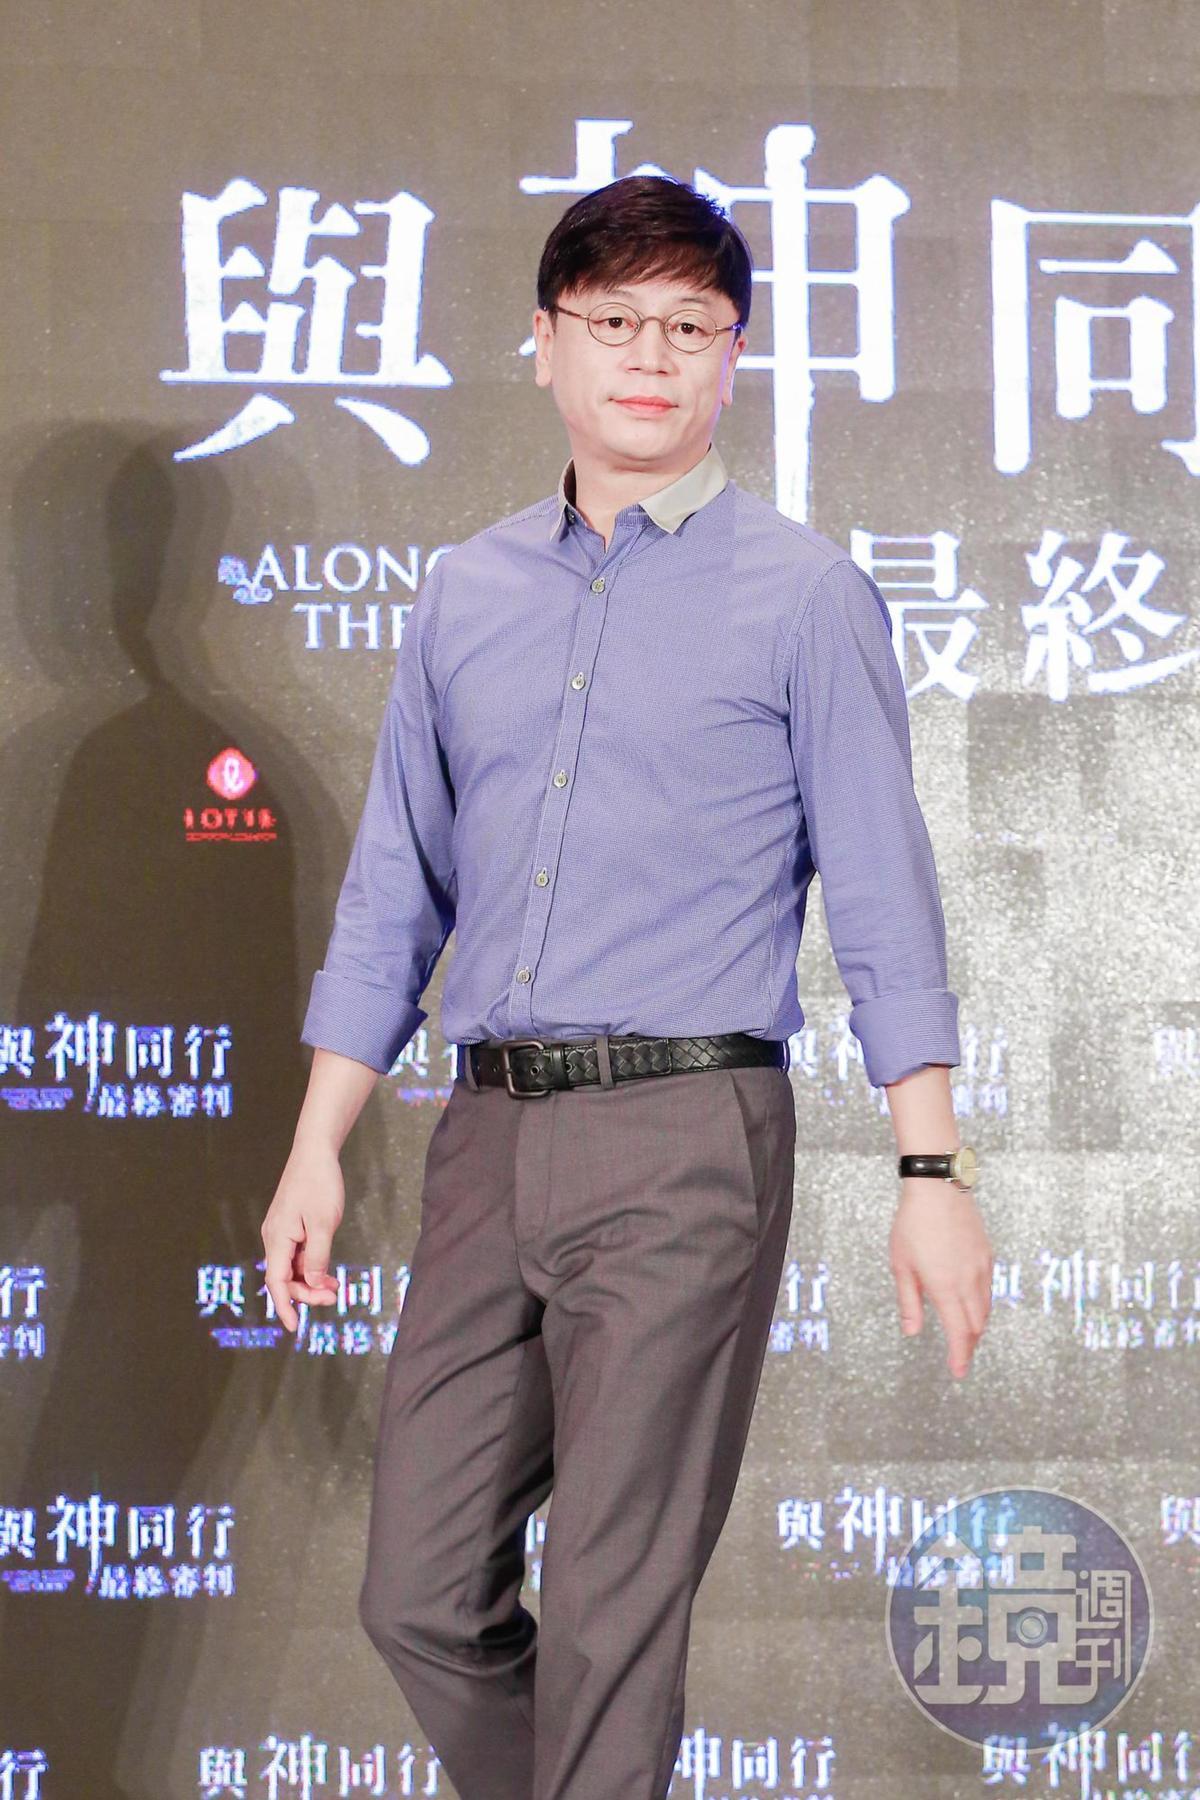 導演金容華說如果河正宇為他辯護,就算說謊地獄他也不擔心。